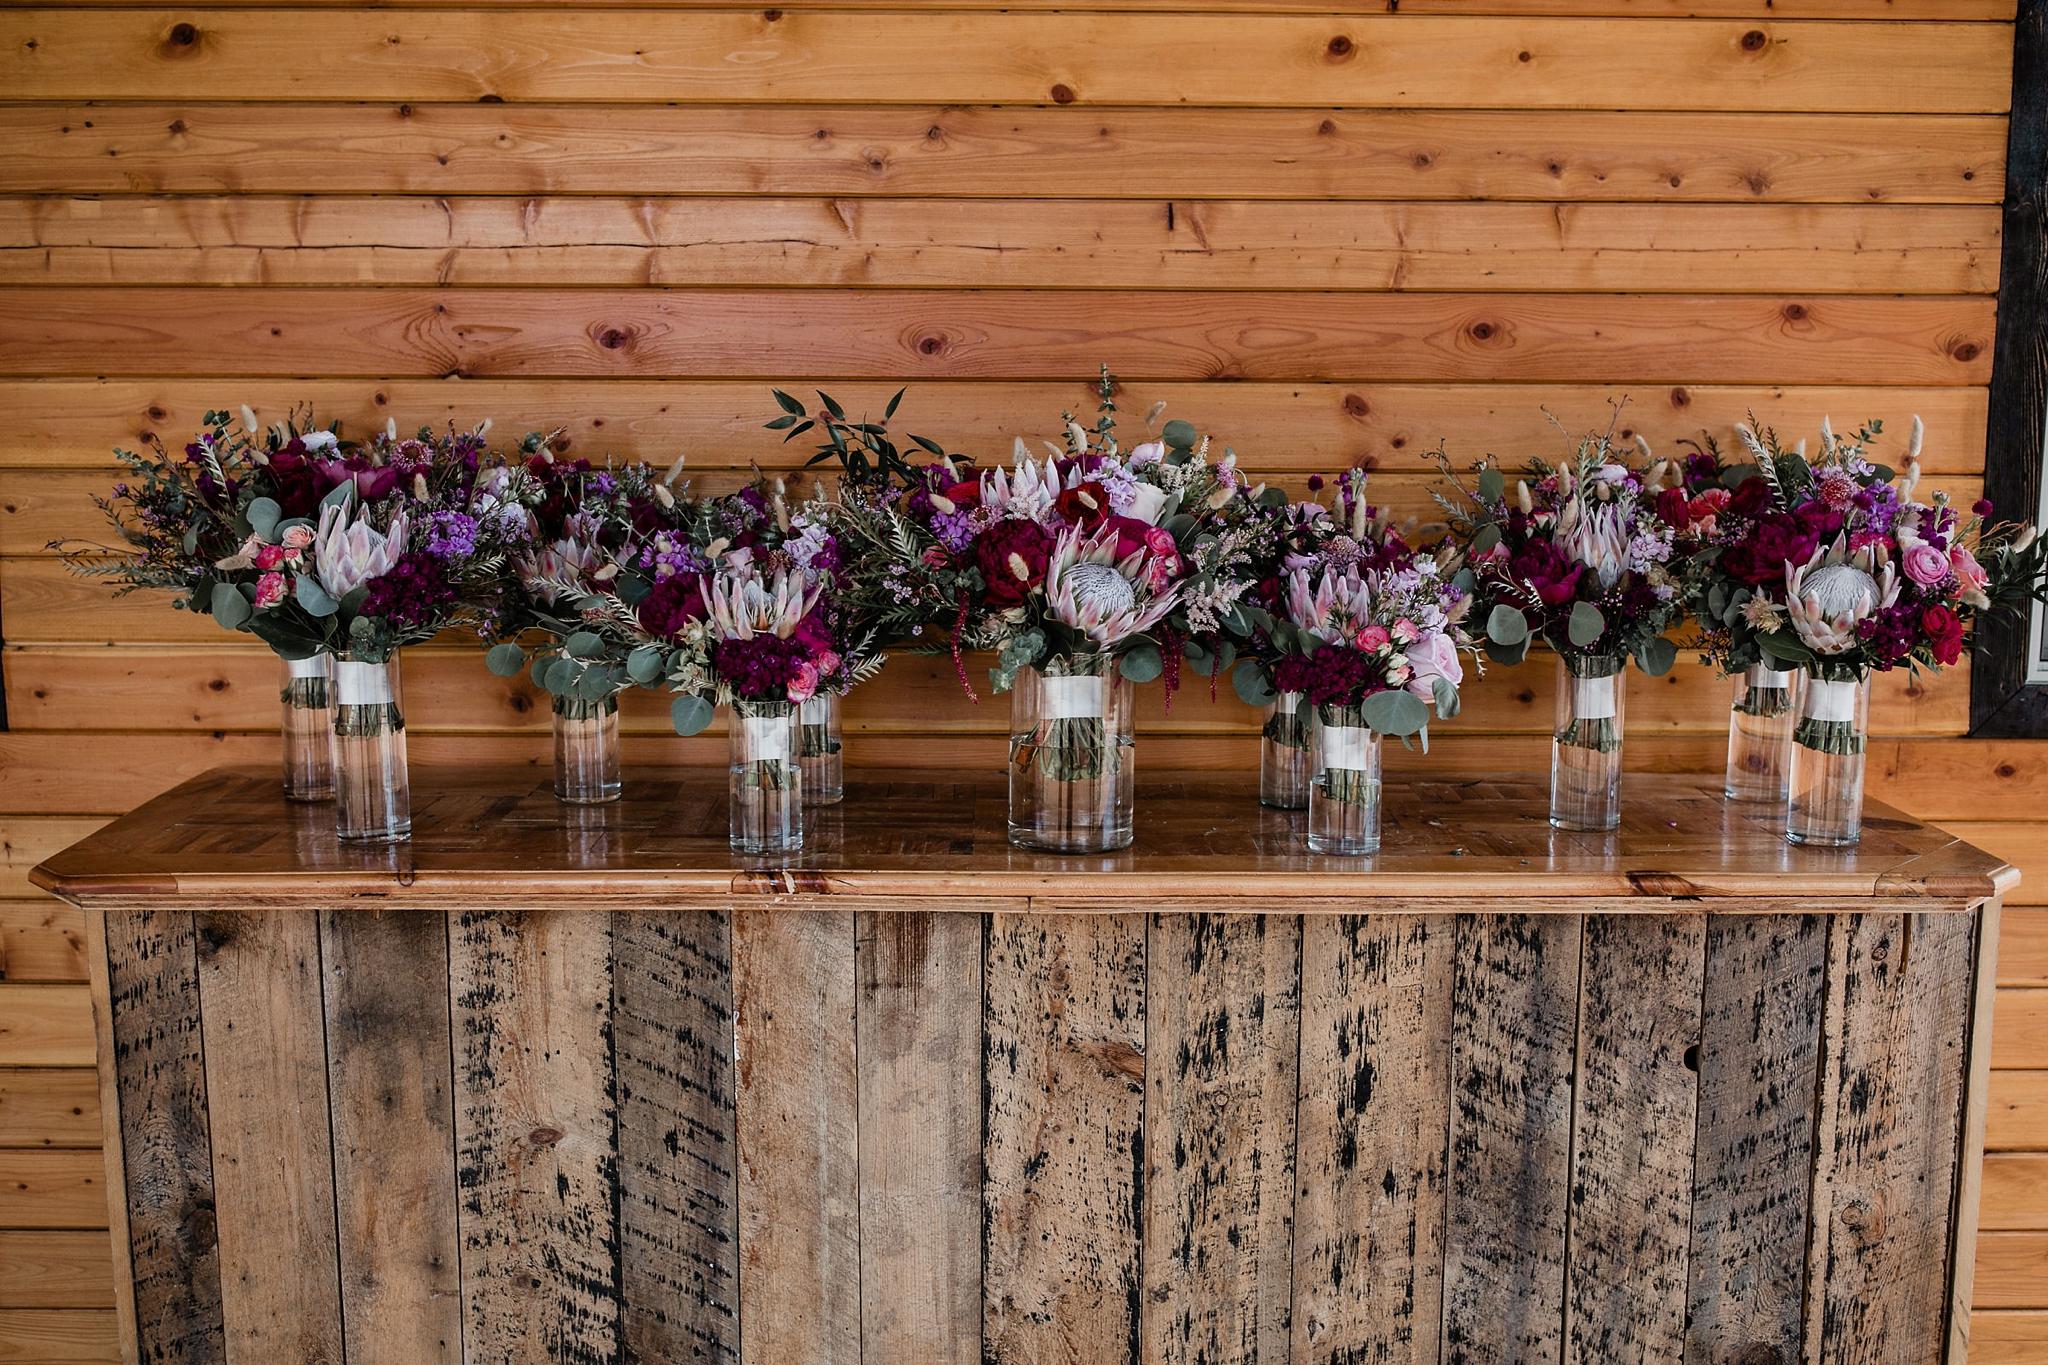 Alicia+lucia+photography+-+albuquerque+wedding+photographer+-+santa+fe+wedding+photography+-+new+mexico+wedding+photographer+-+new+mexico+wedding+-+summer+wedding+-+summer+wedding+florals+-+southwest+wedding_0003.jpg